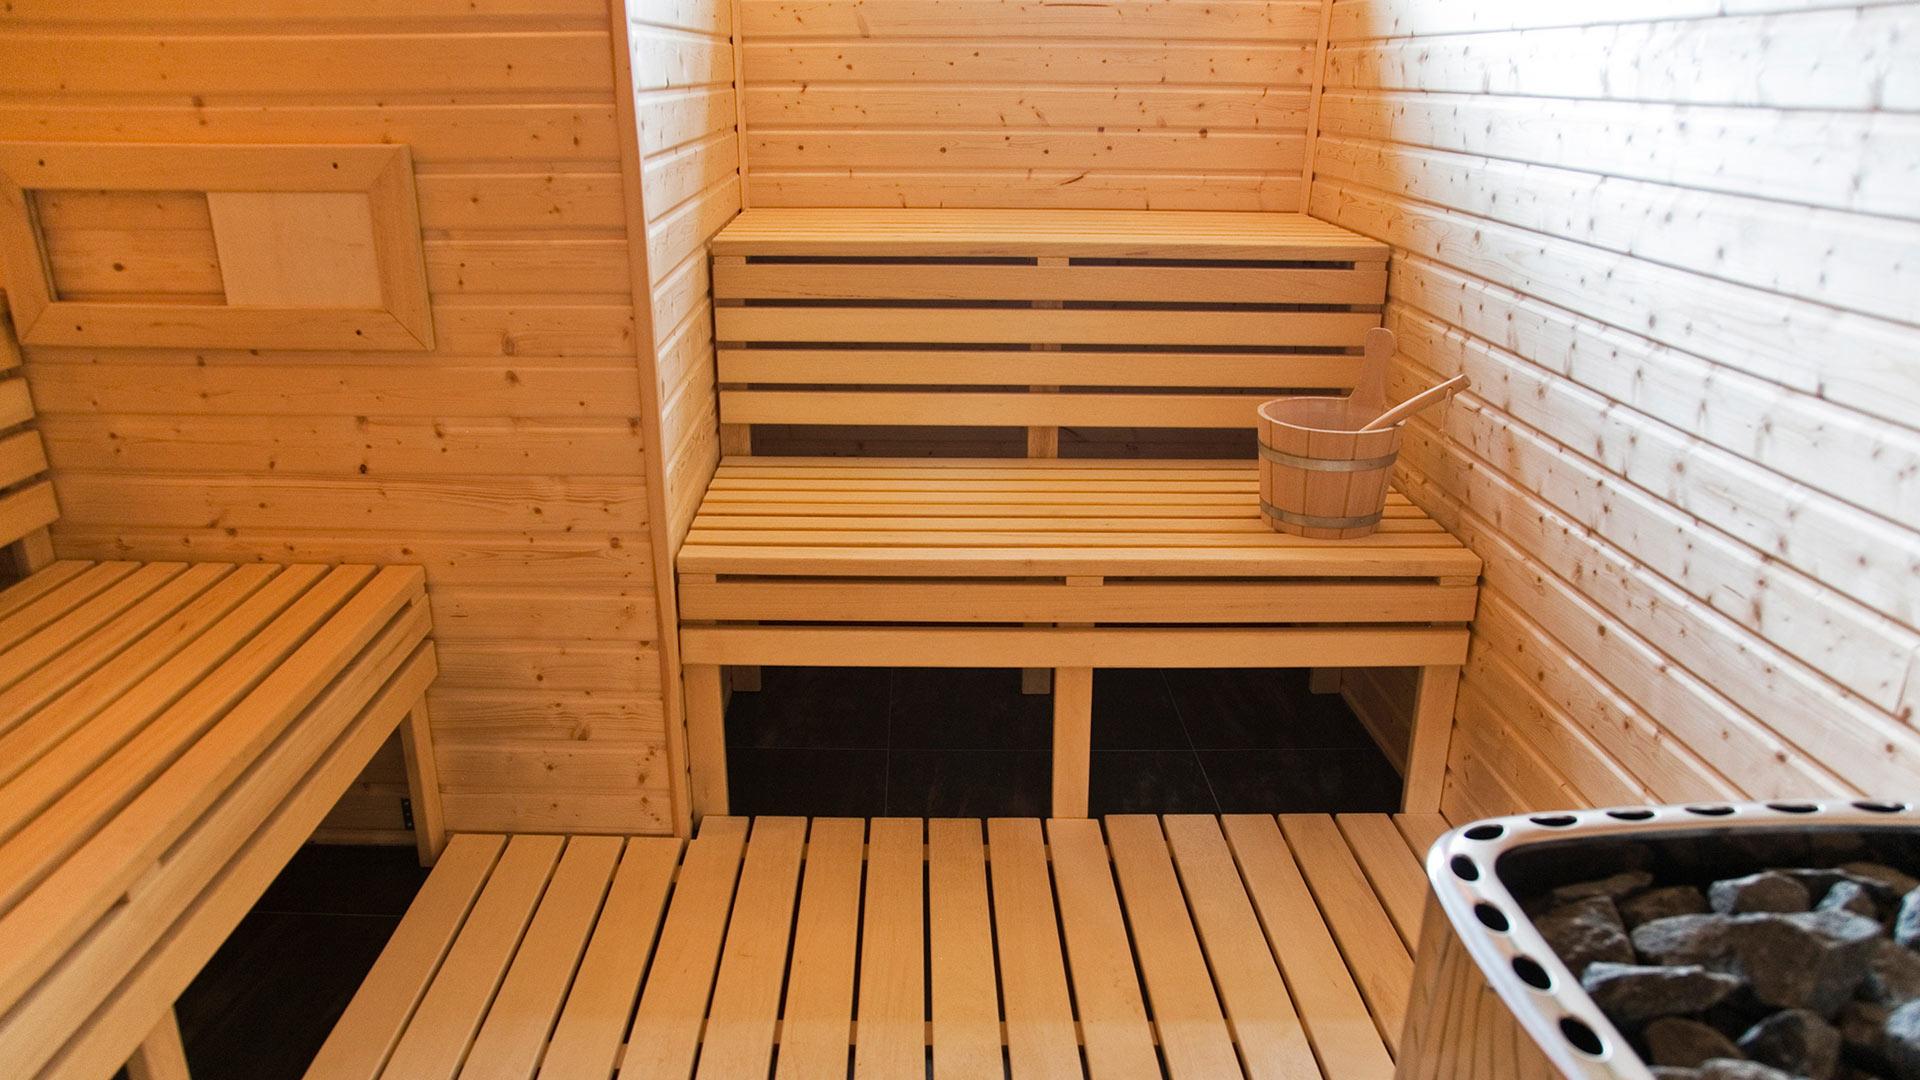 Sauna Innenausbau Interieur Tischlerei Freund 02